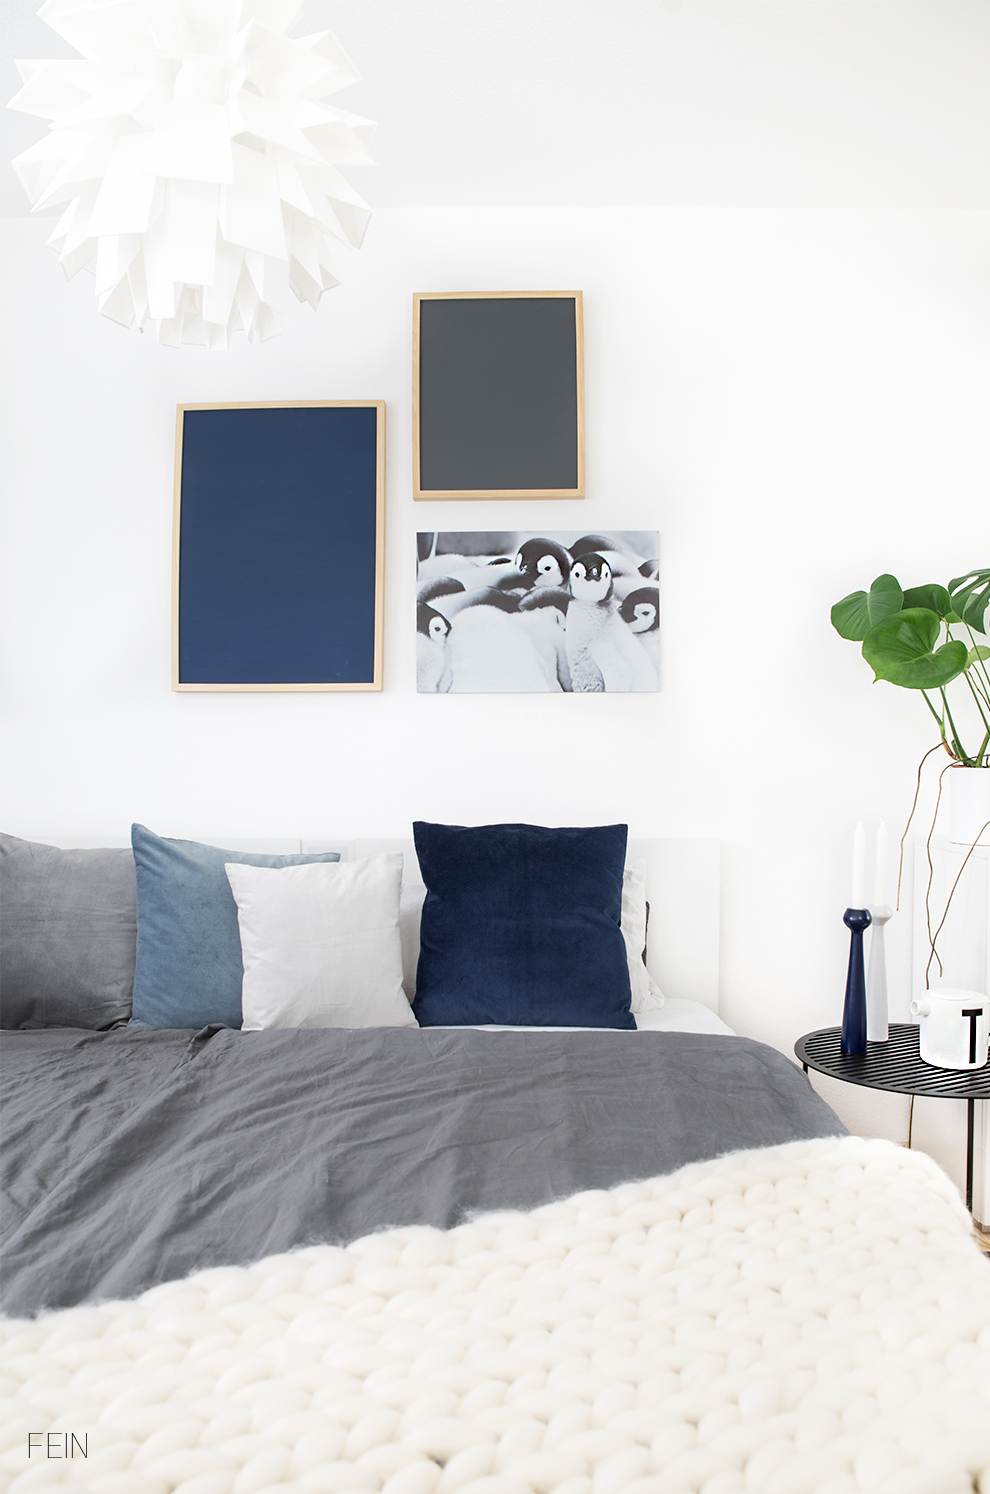 Herbstzeit Kissen Bett Schlafzimmer